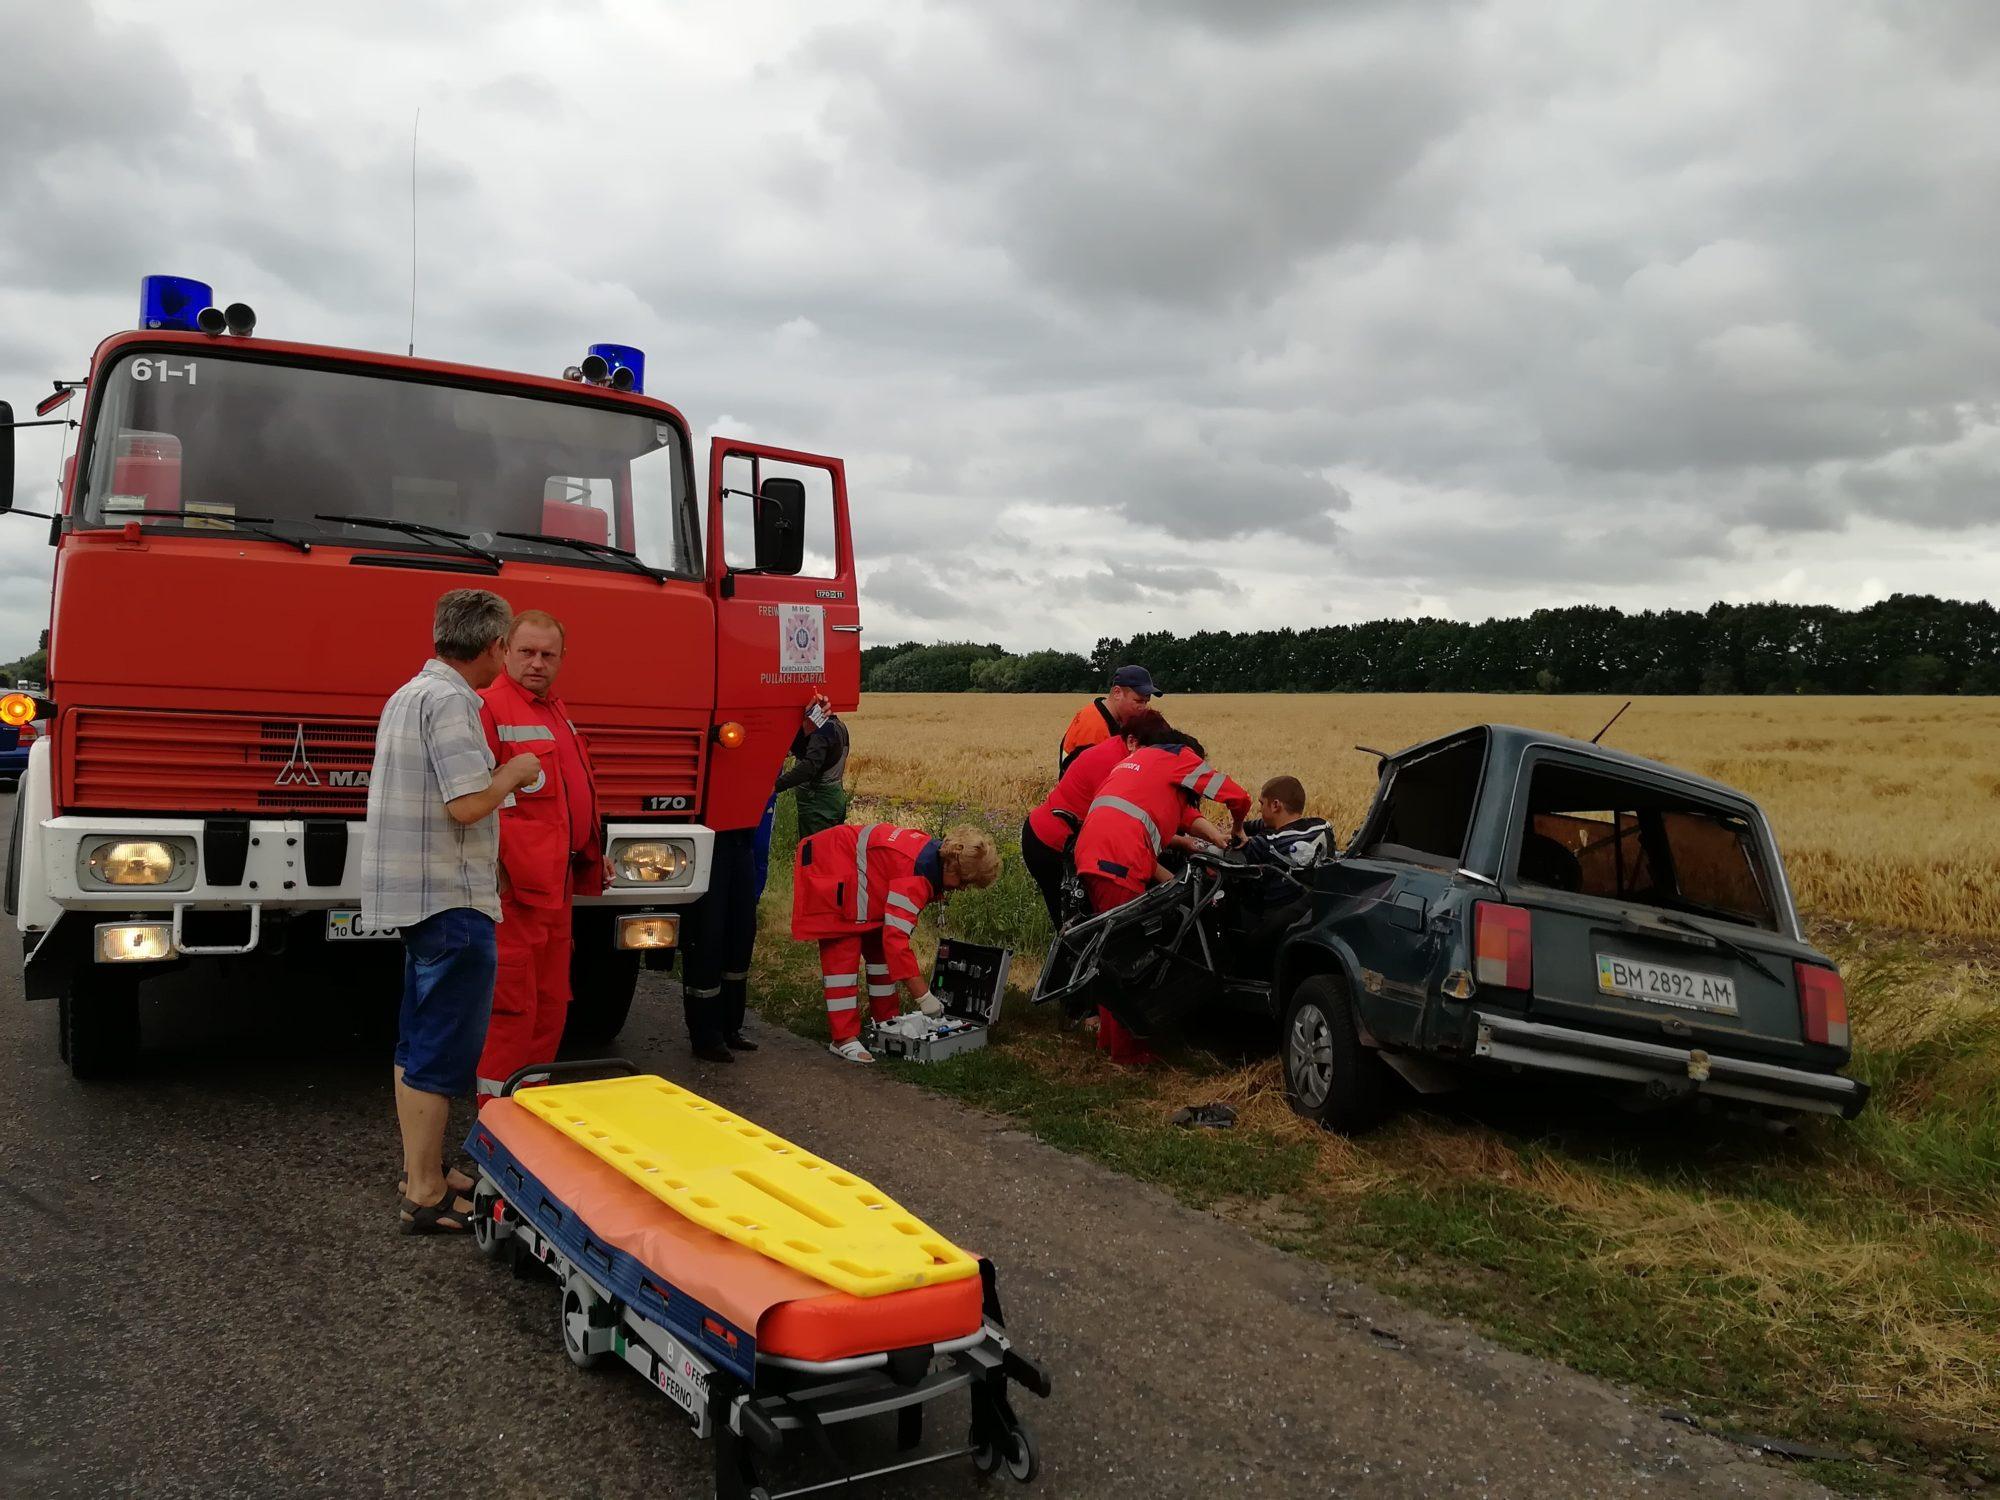 IMG_20190710_115509-2000x1500 У Баришівському районі «ВАЗ 2104» зіткнувся із трактором